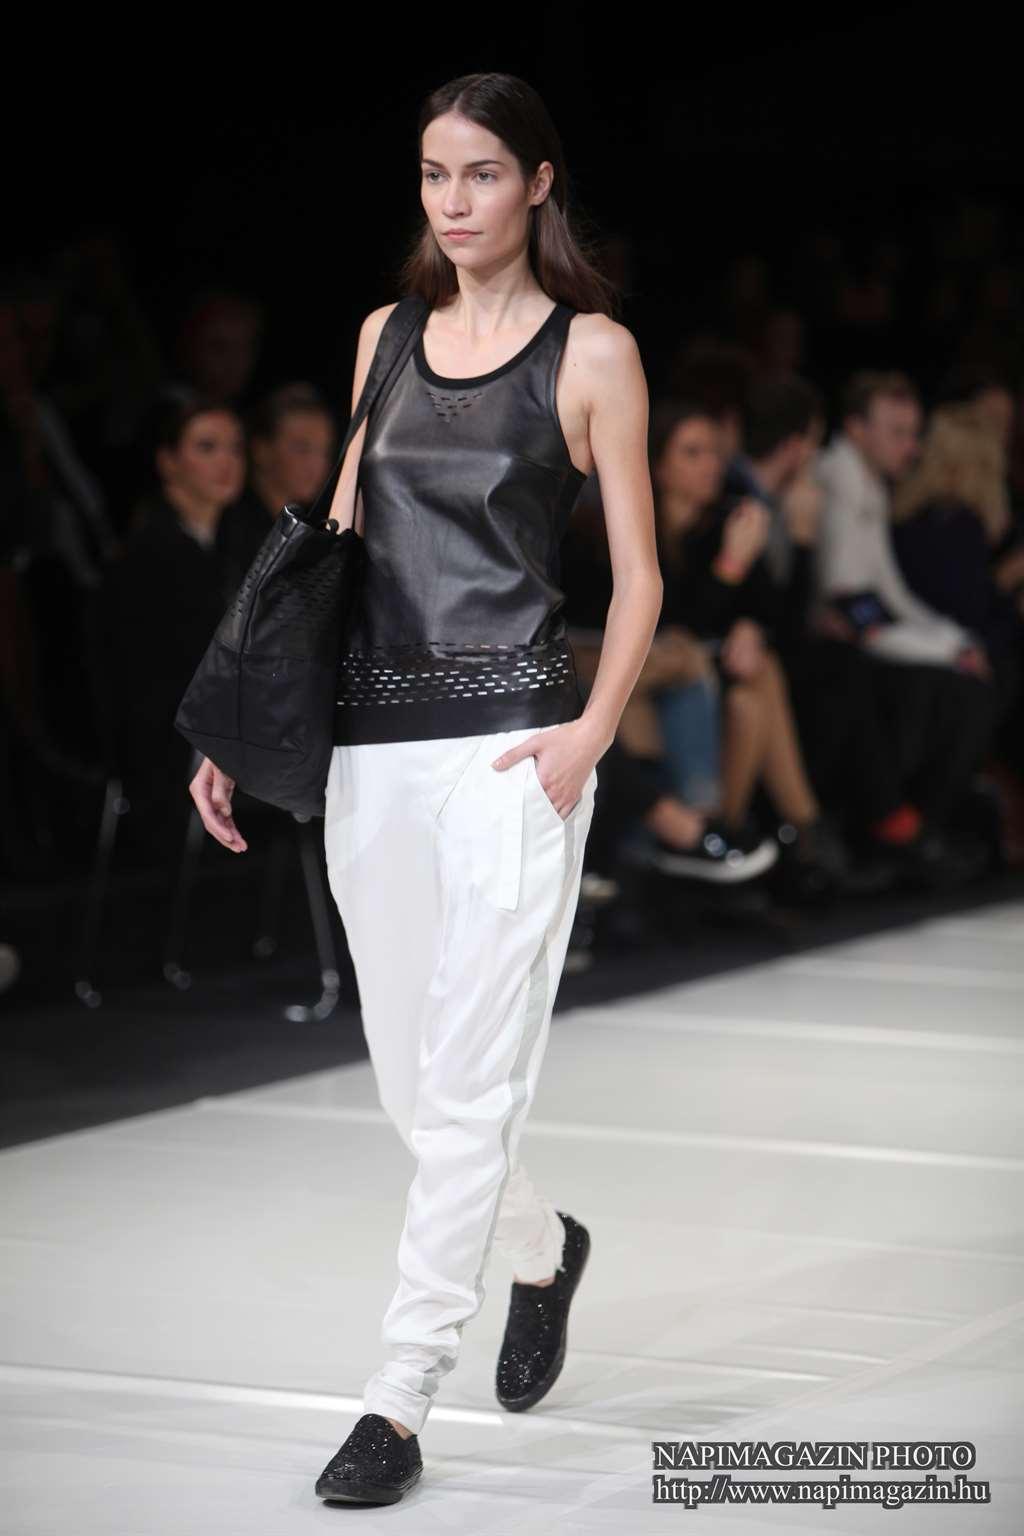 budapest_fashion_week_konsanszky_10